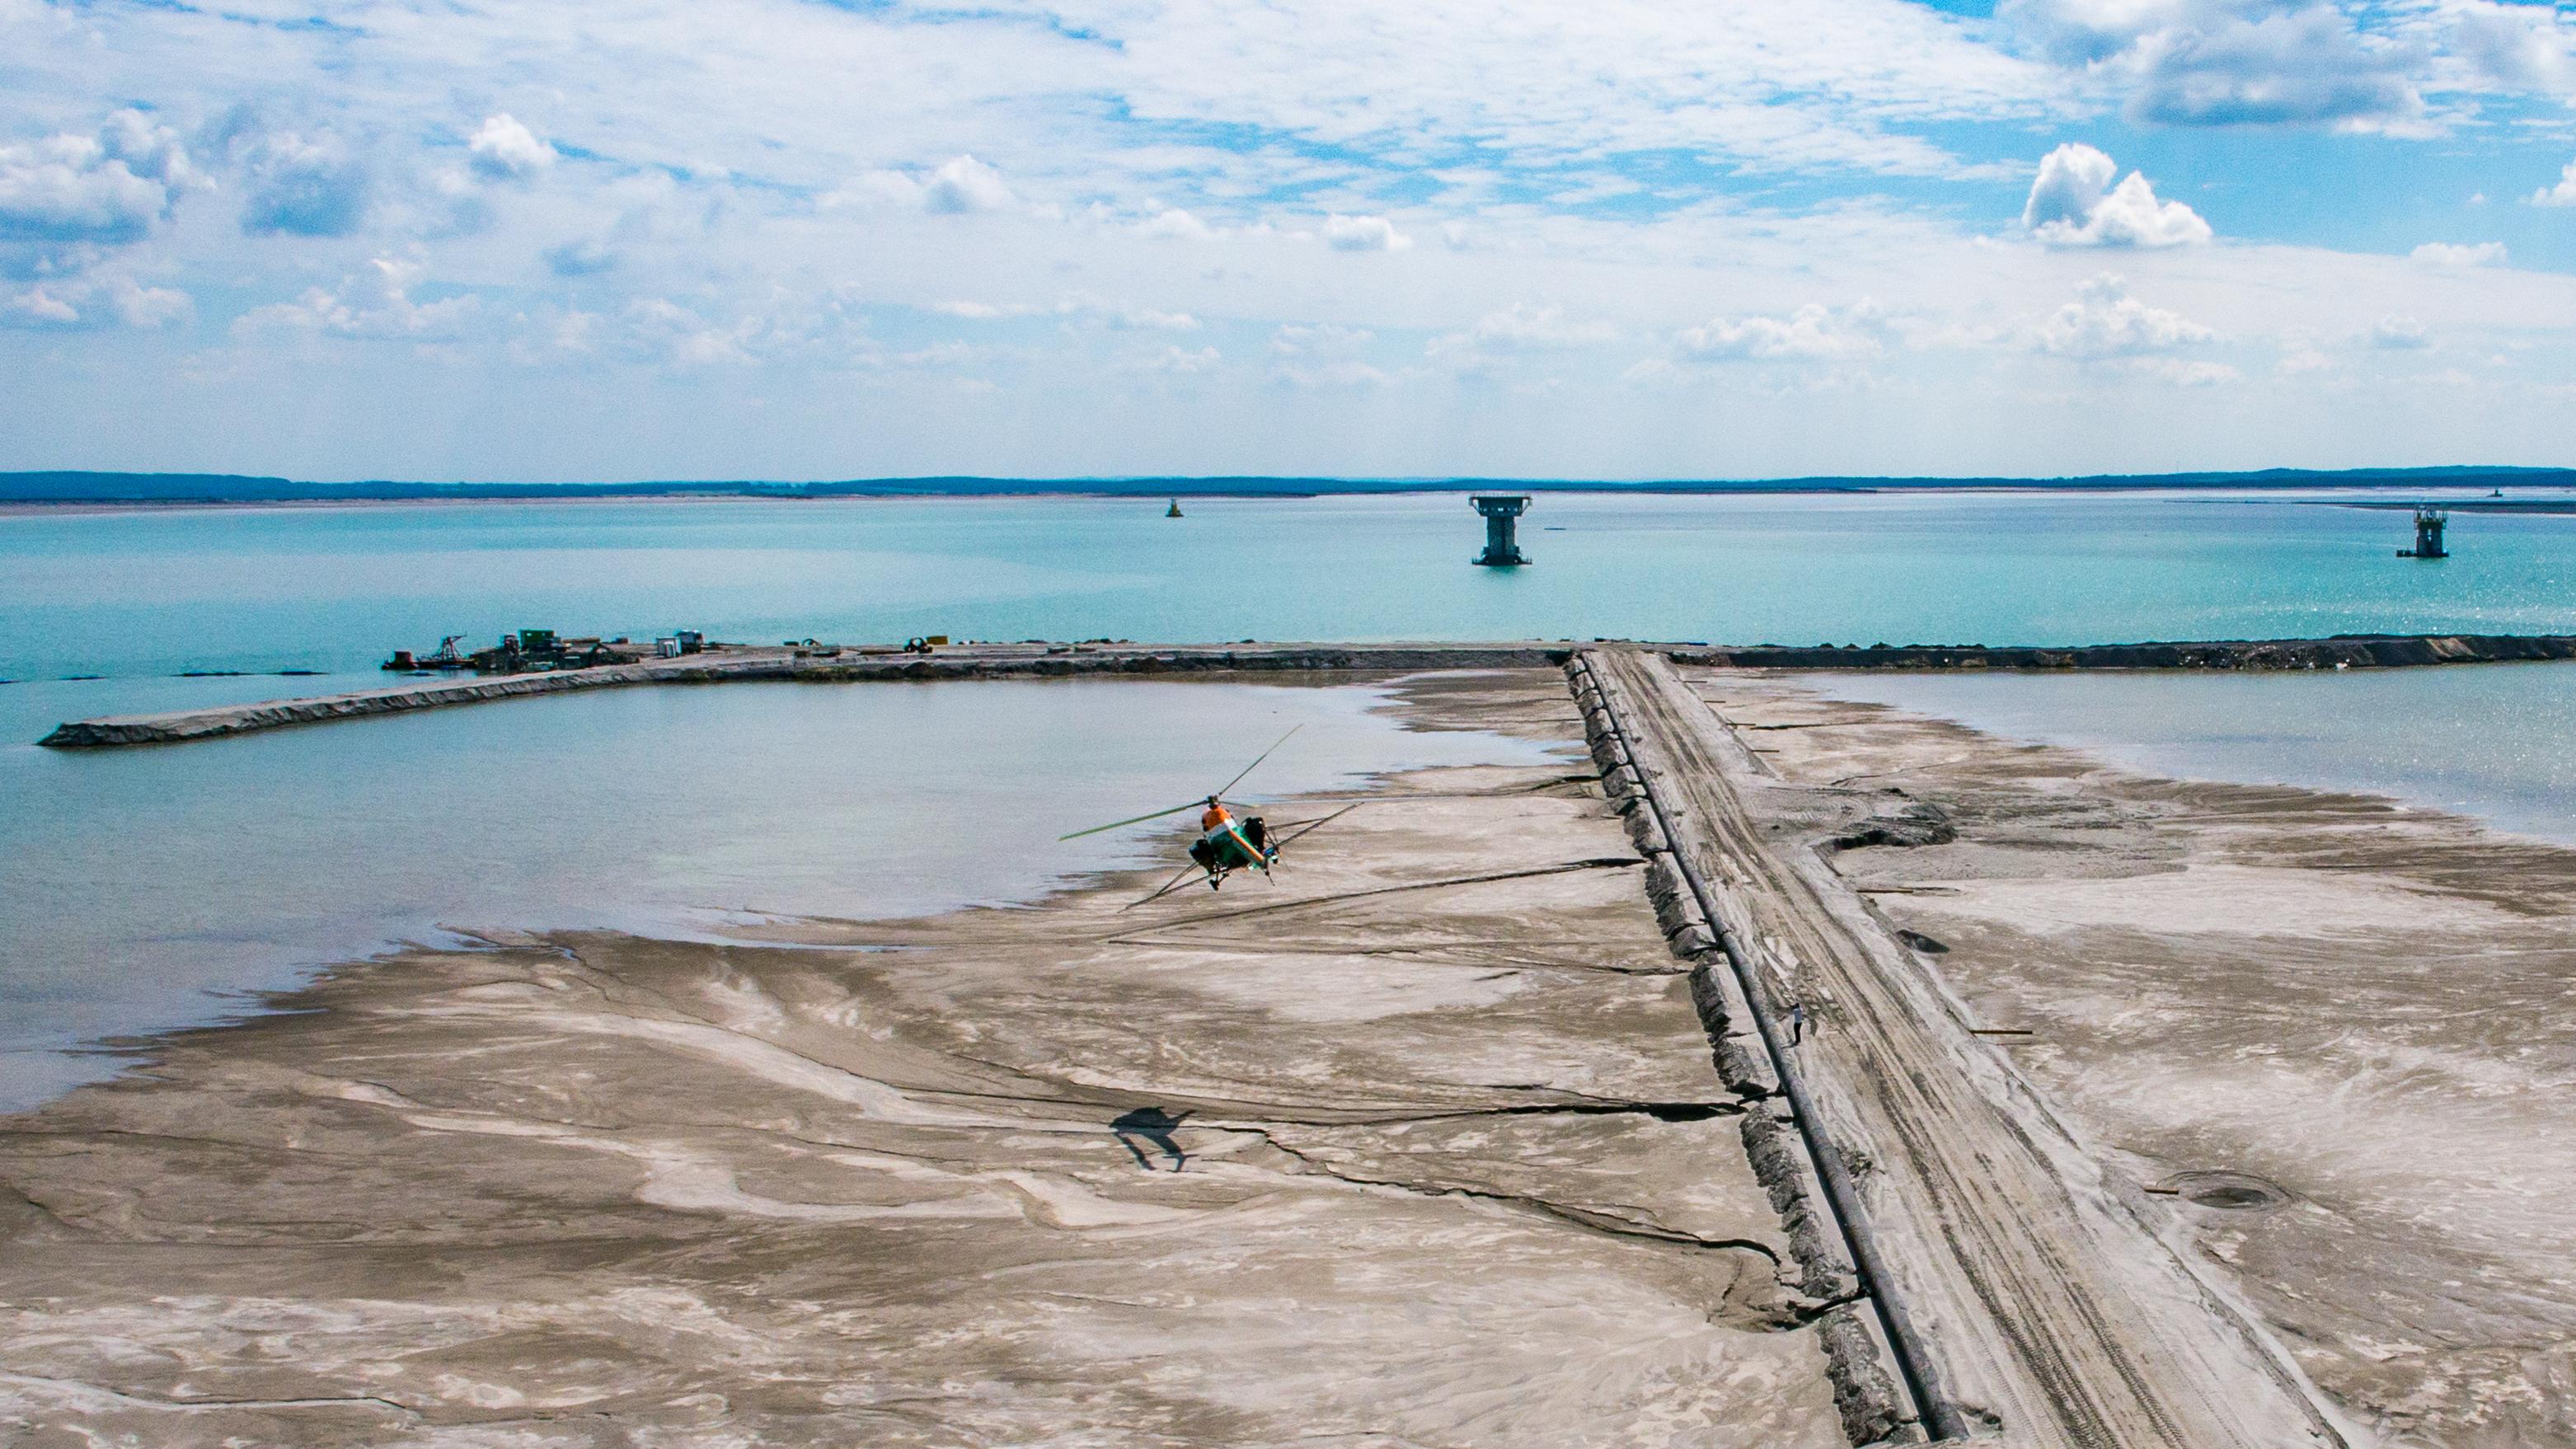 W centrum zdjęcia śmigłowiec wykorzystywany do zabezpieczania plaż roztworami emulsji asfaltowej.